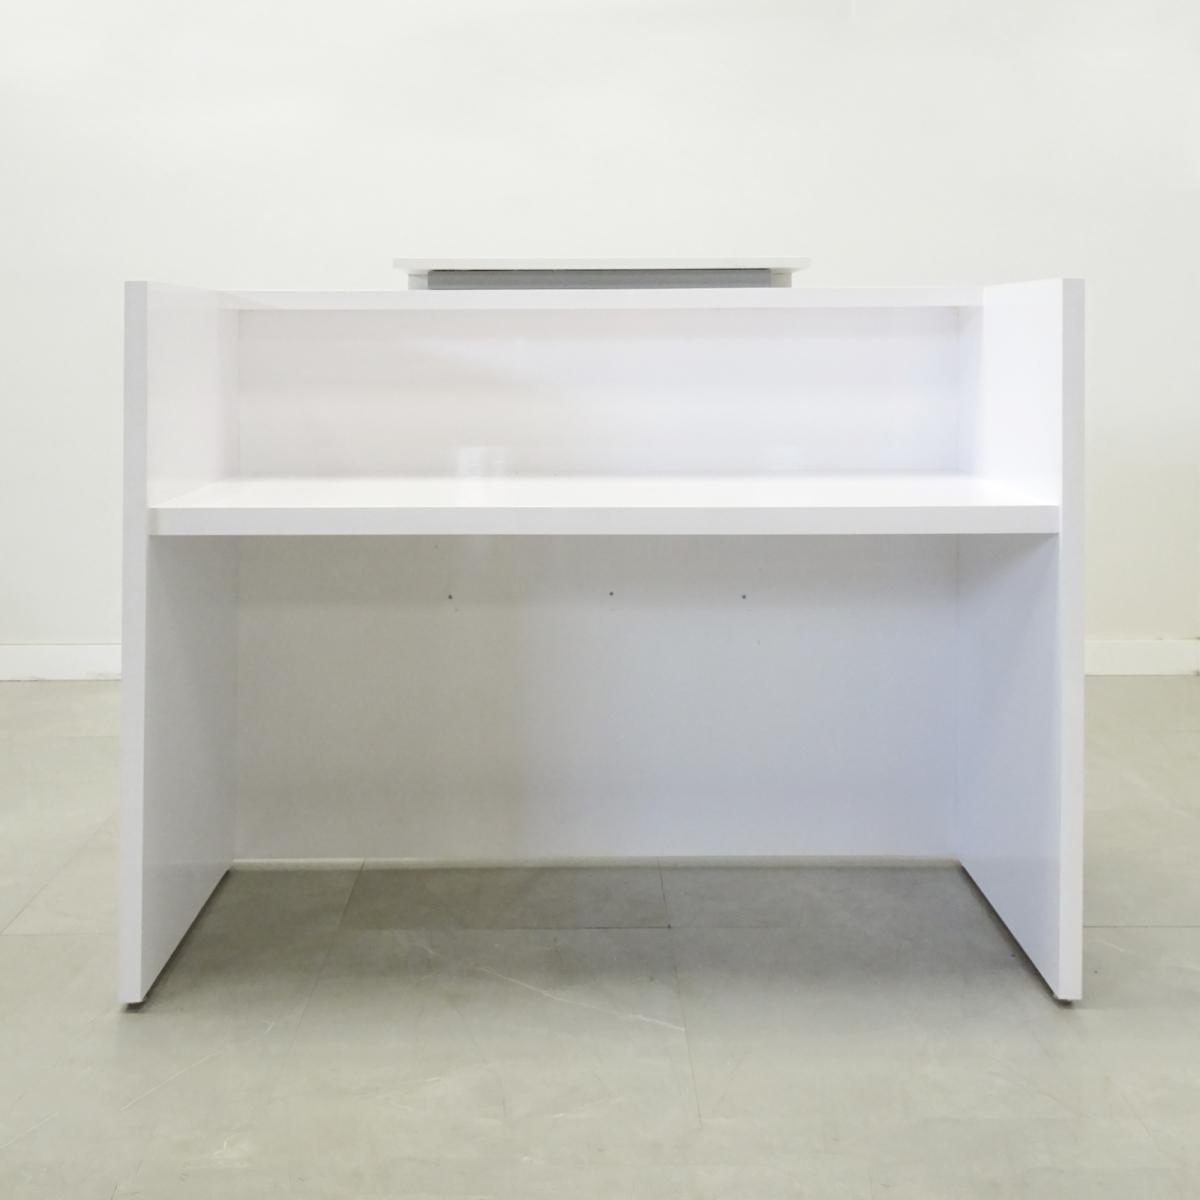 48 In. Chicago Reception Desk White Gloss Laminate